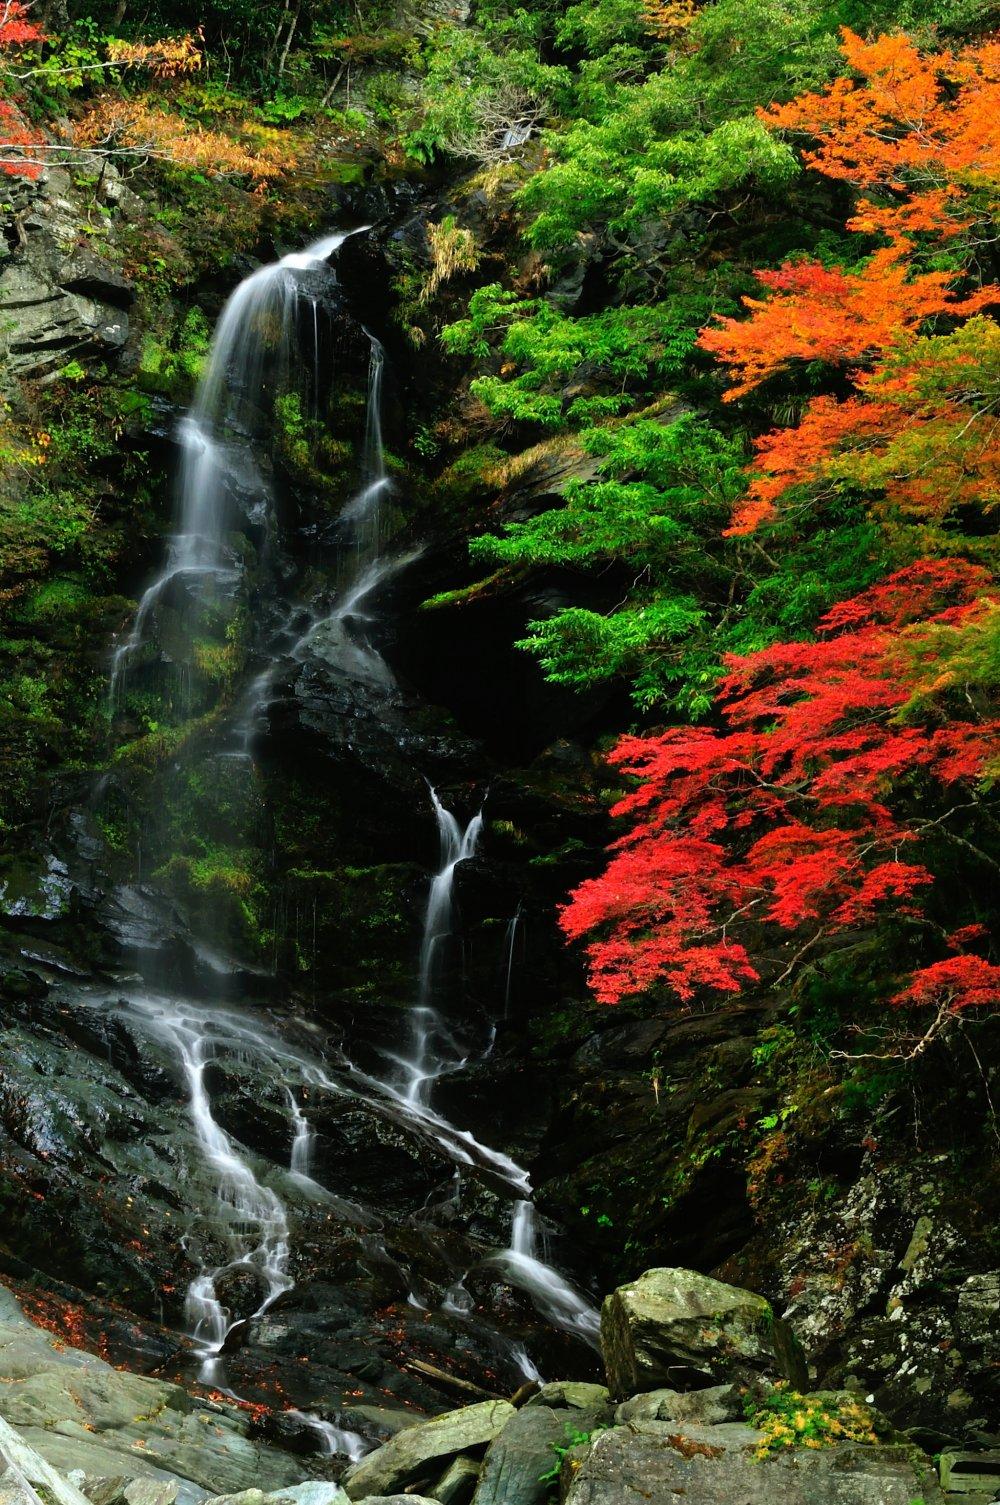 落合集落から祖谷渓谷沿い、目の前に出現した滝